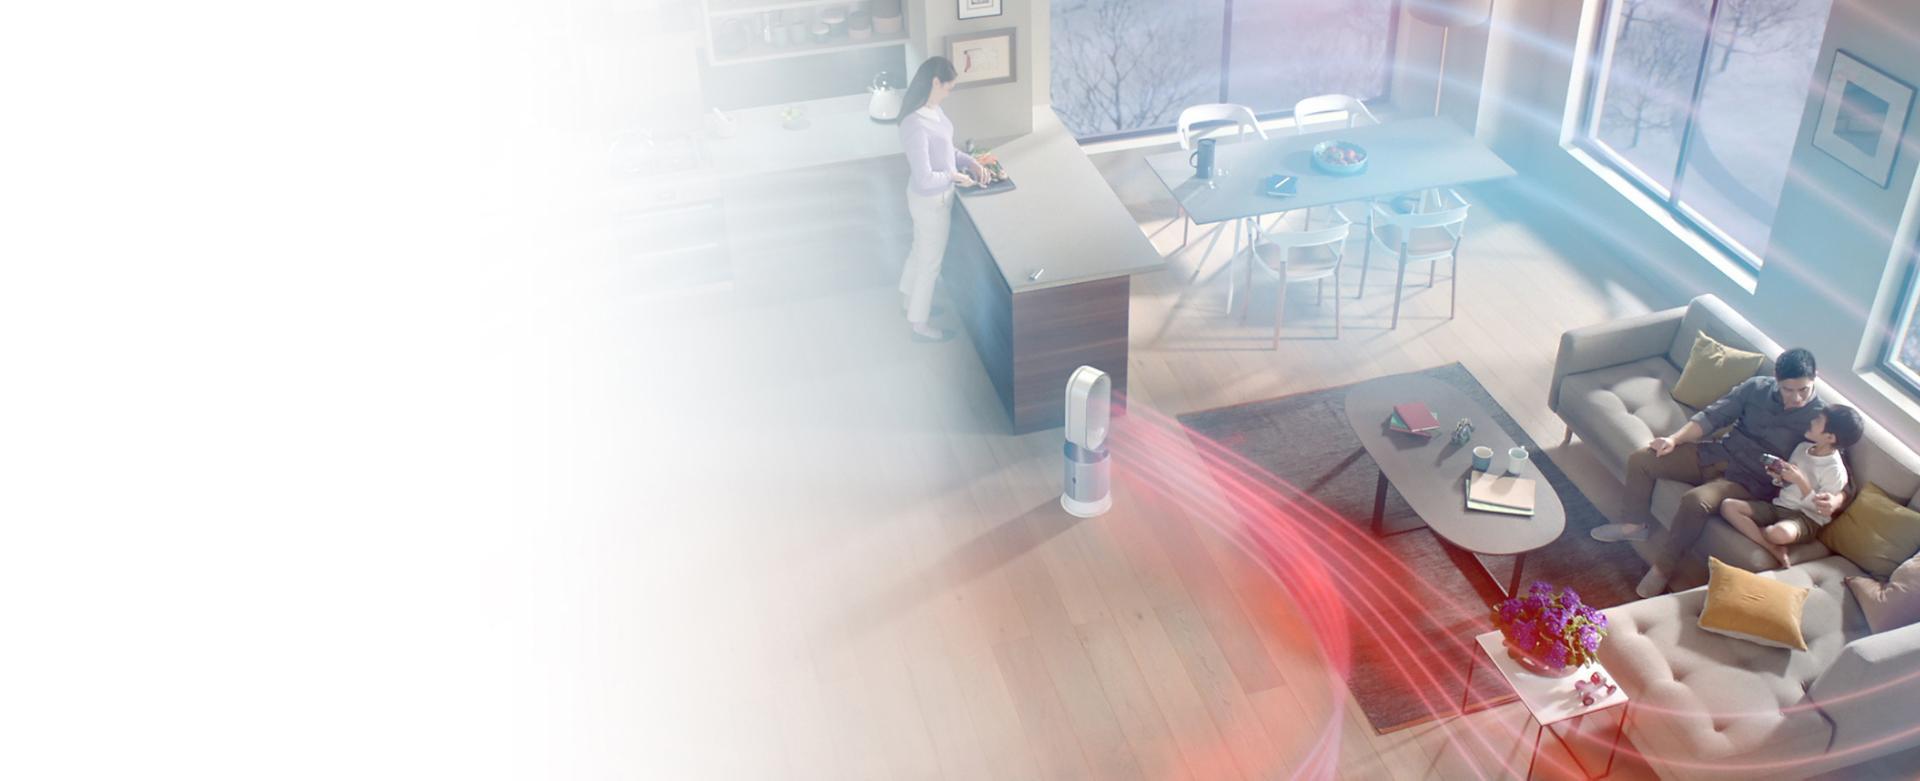 Doar aerotermele cu purificator purifică și încălzesc corespunzător o cameră întreagă